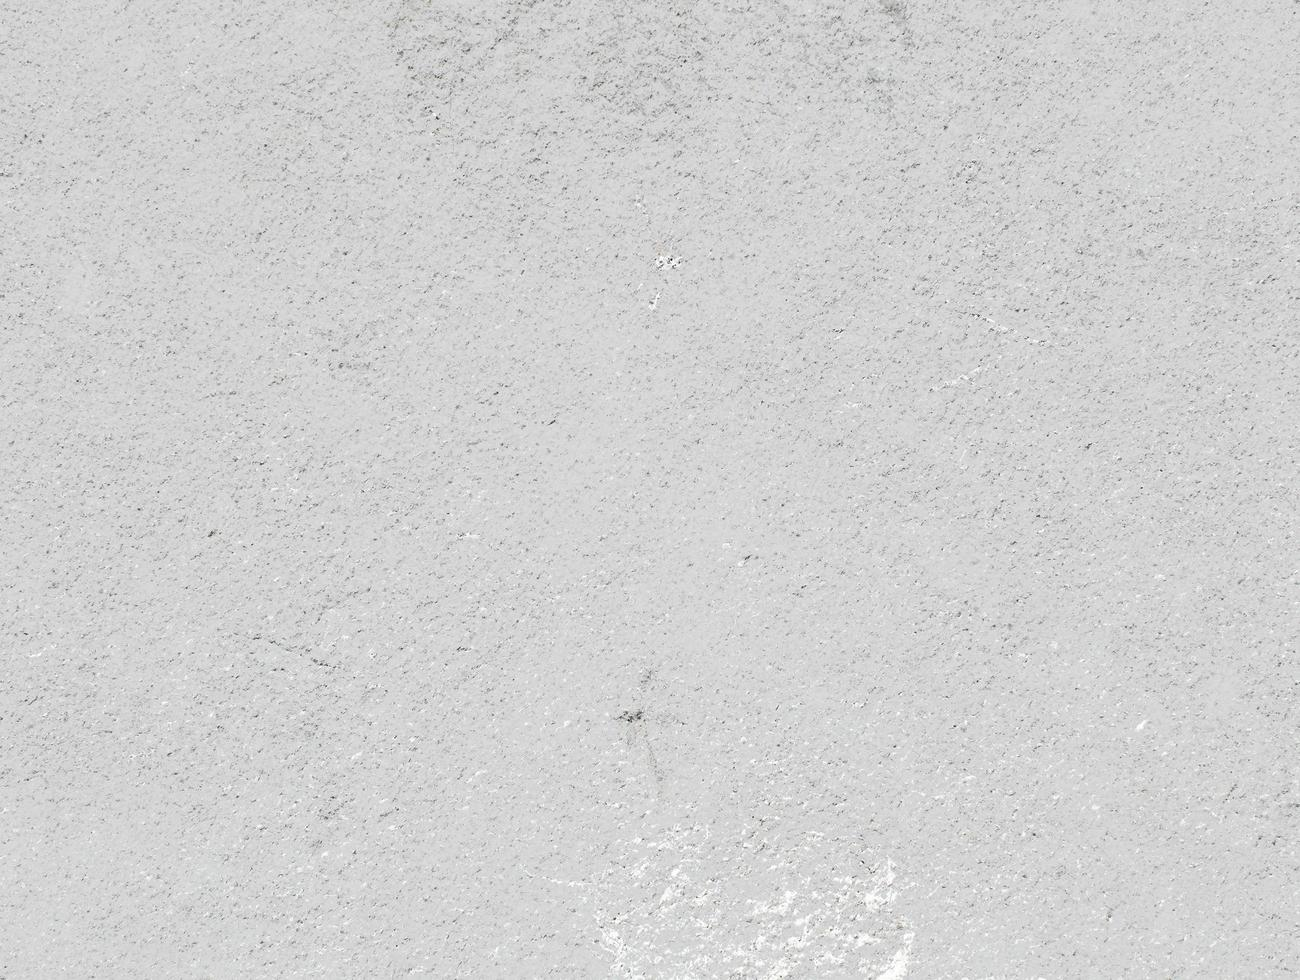 textura de muro de hormigón neutro foto